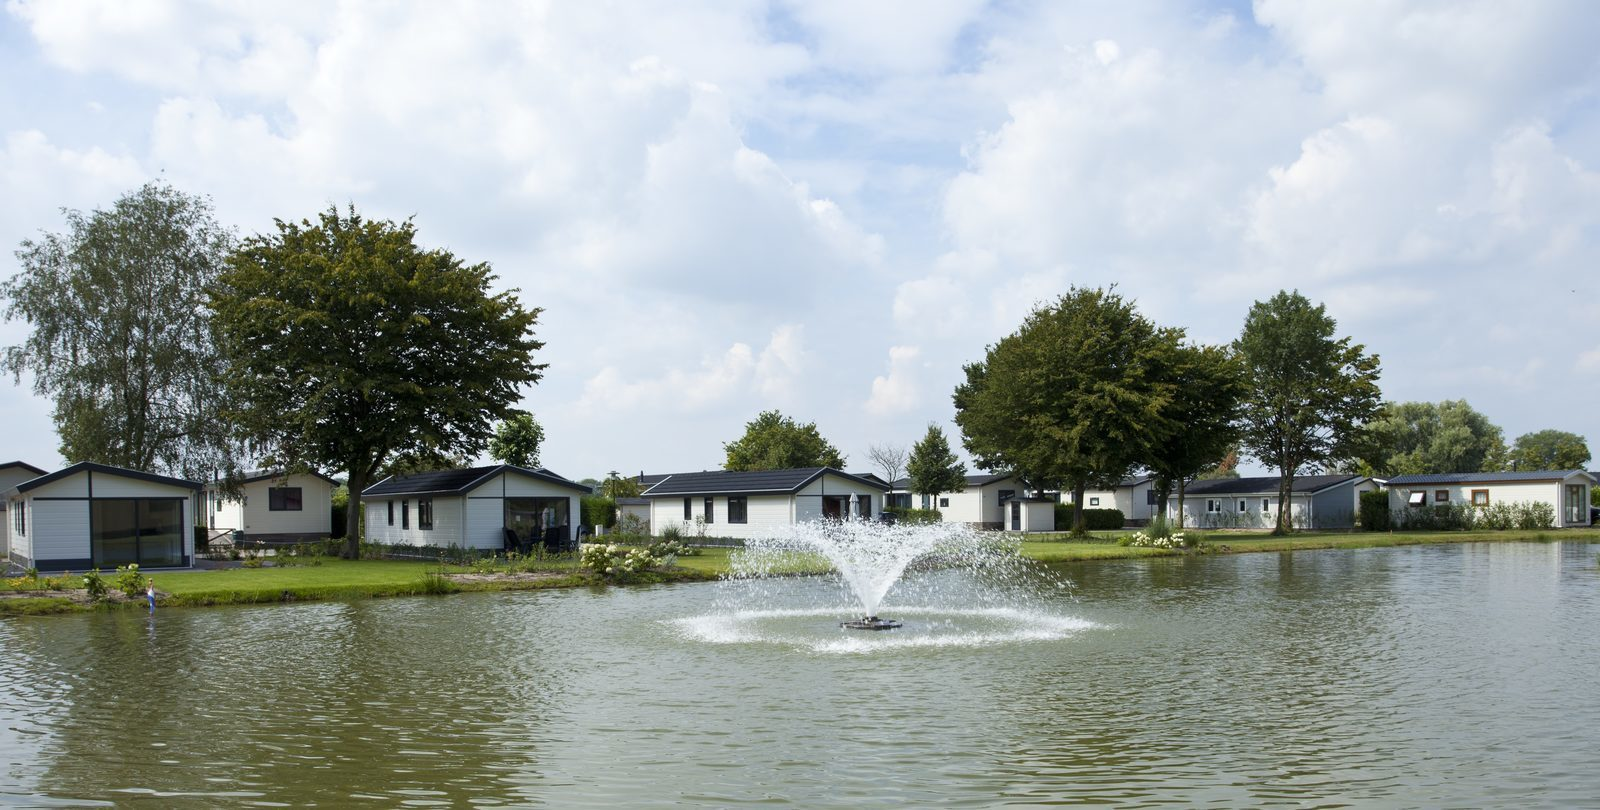 Vakantiewoning kopen in de Bommelerwaard